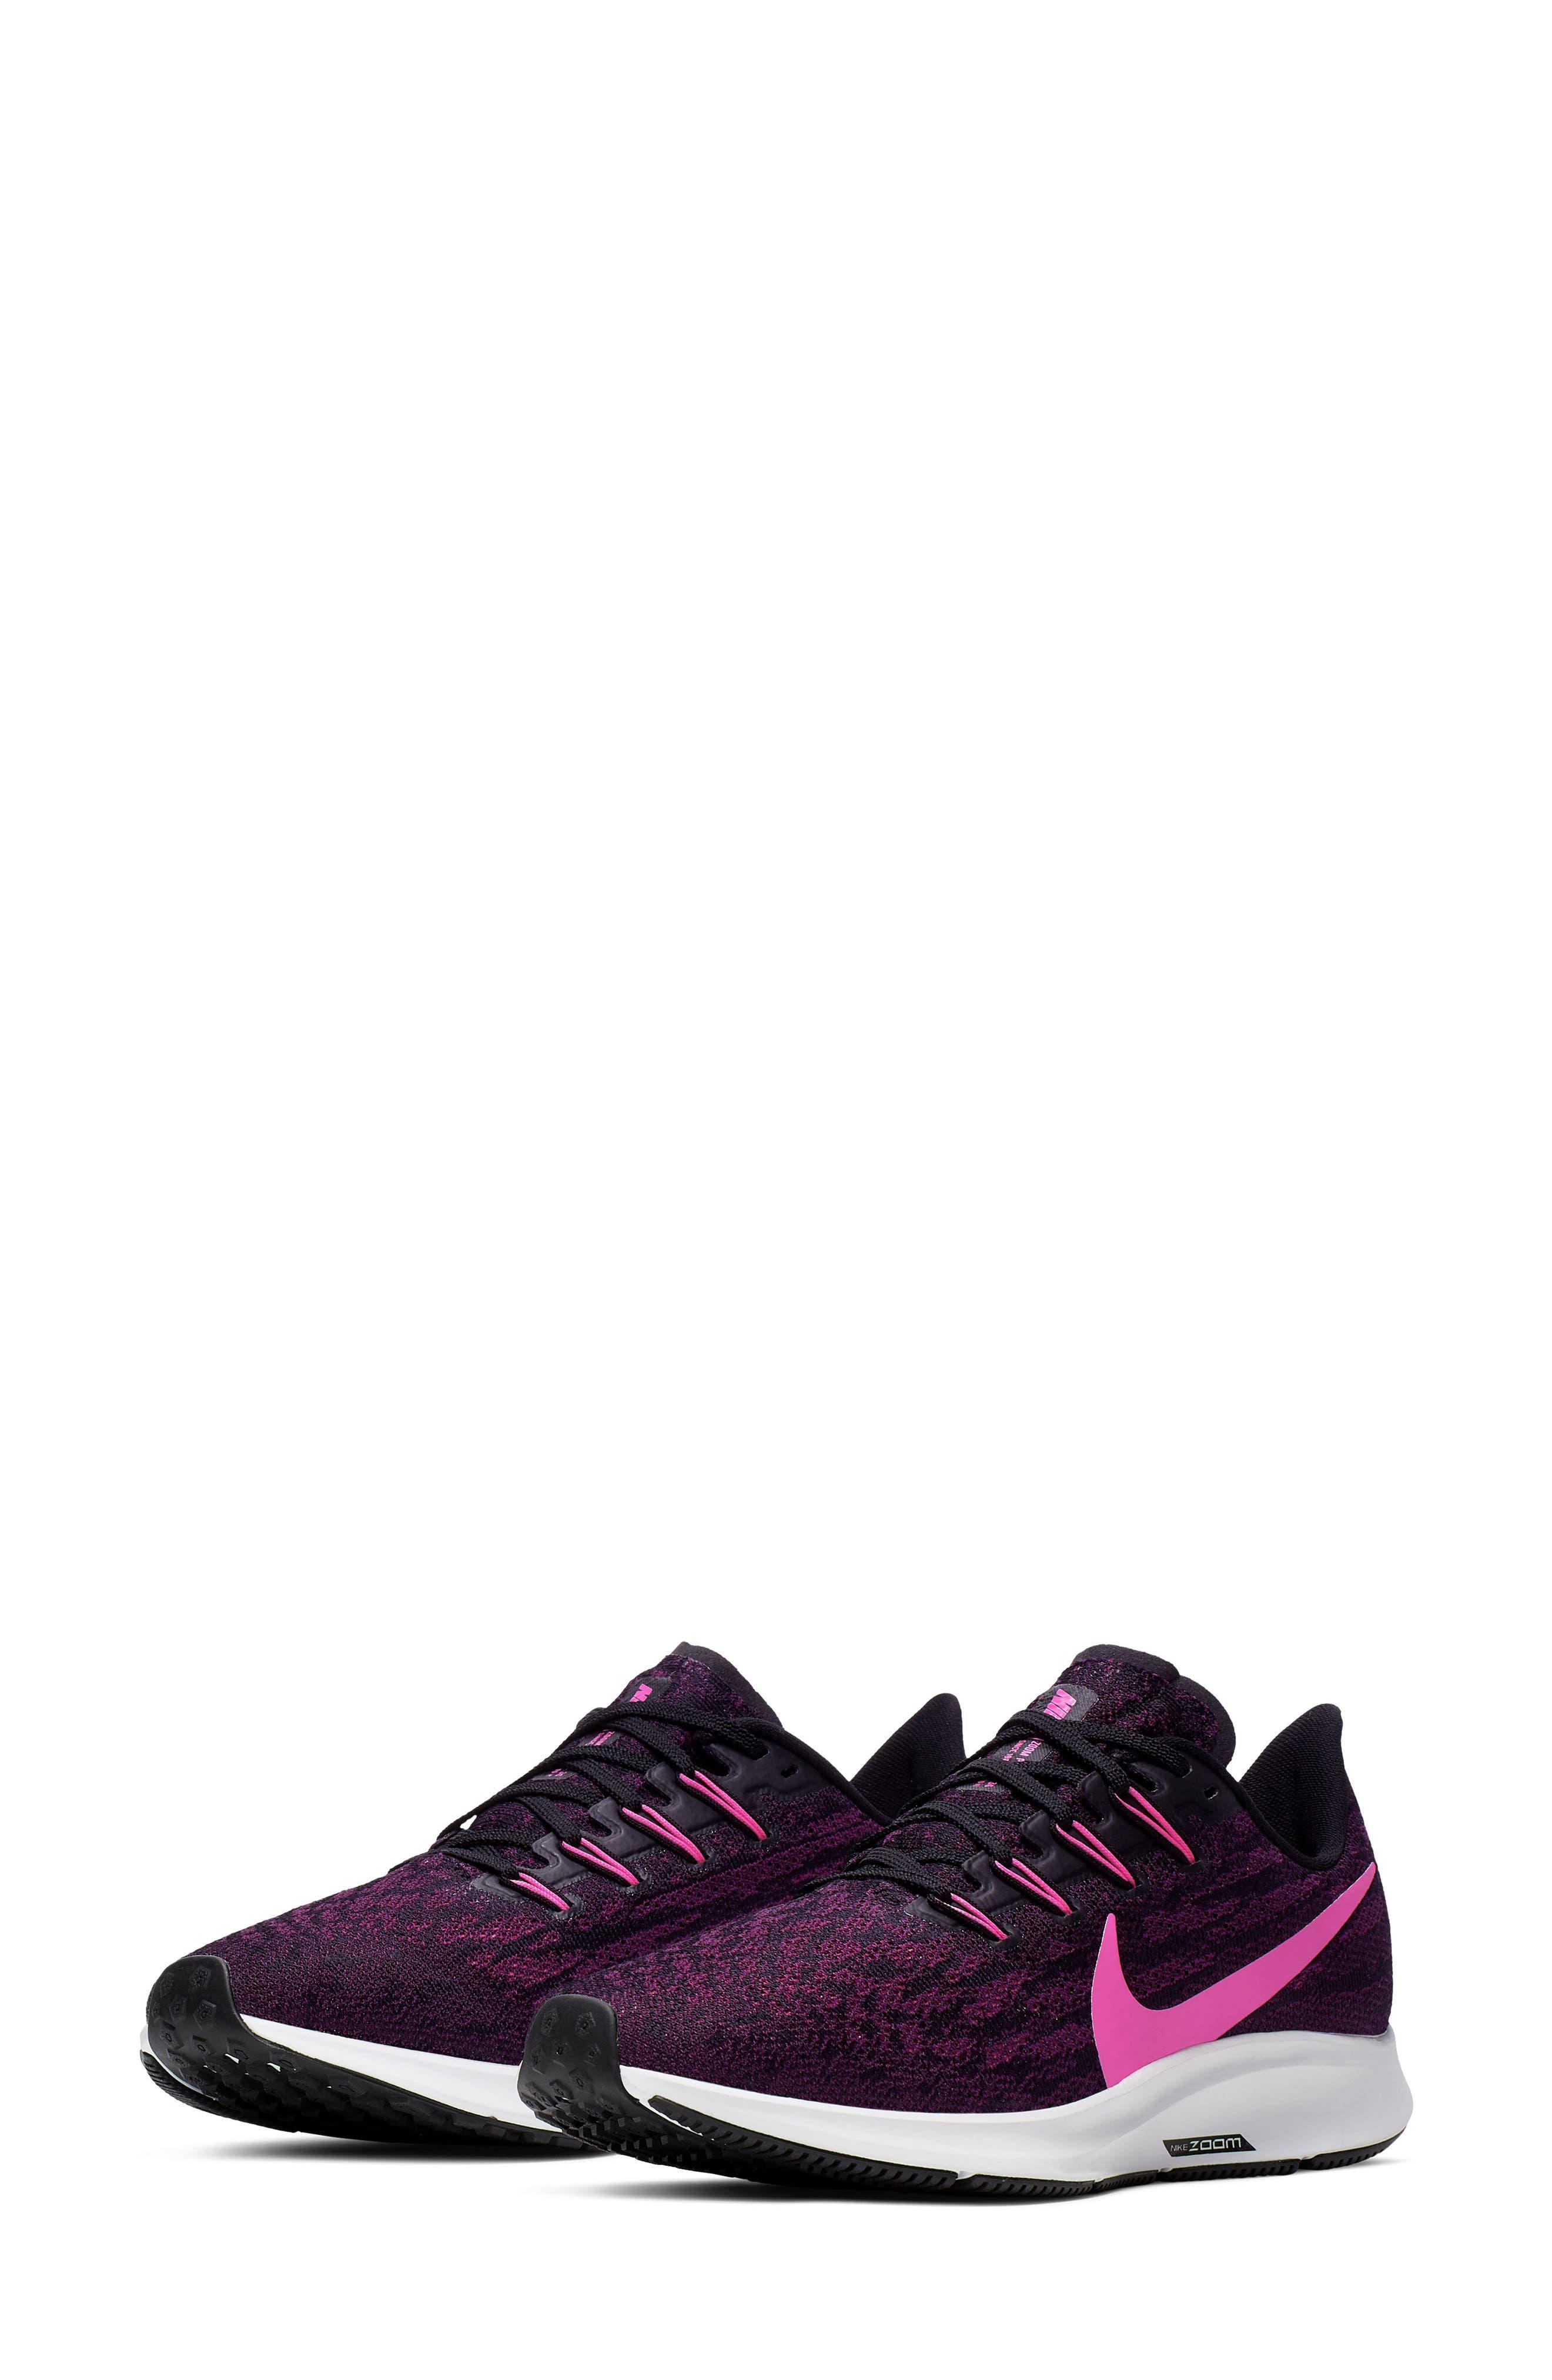 Nike Air Max 270 Moon Grey Womens   AH6789 201   The Sole